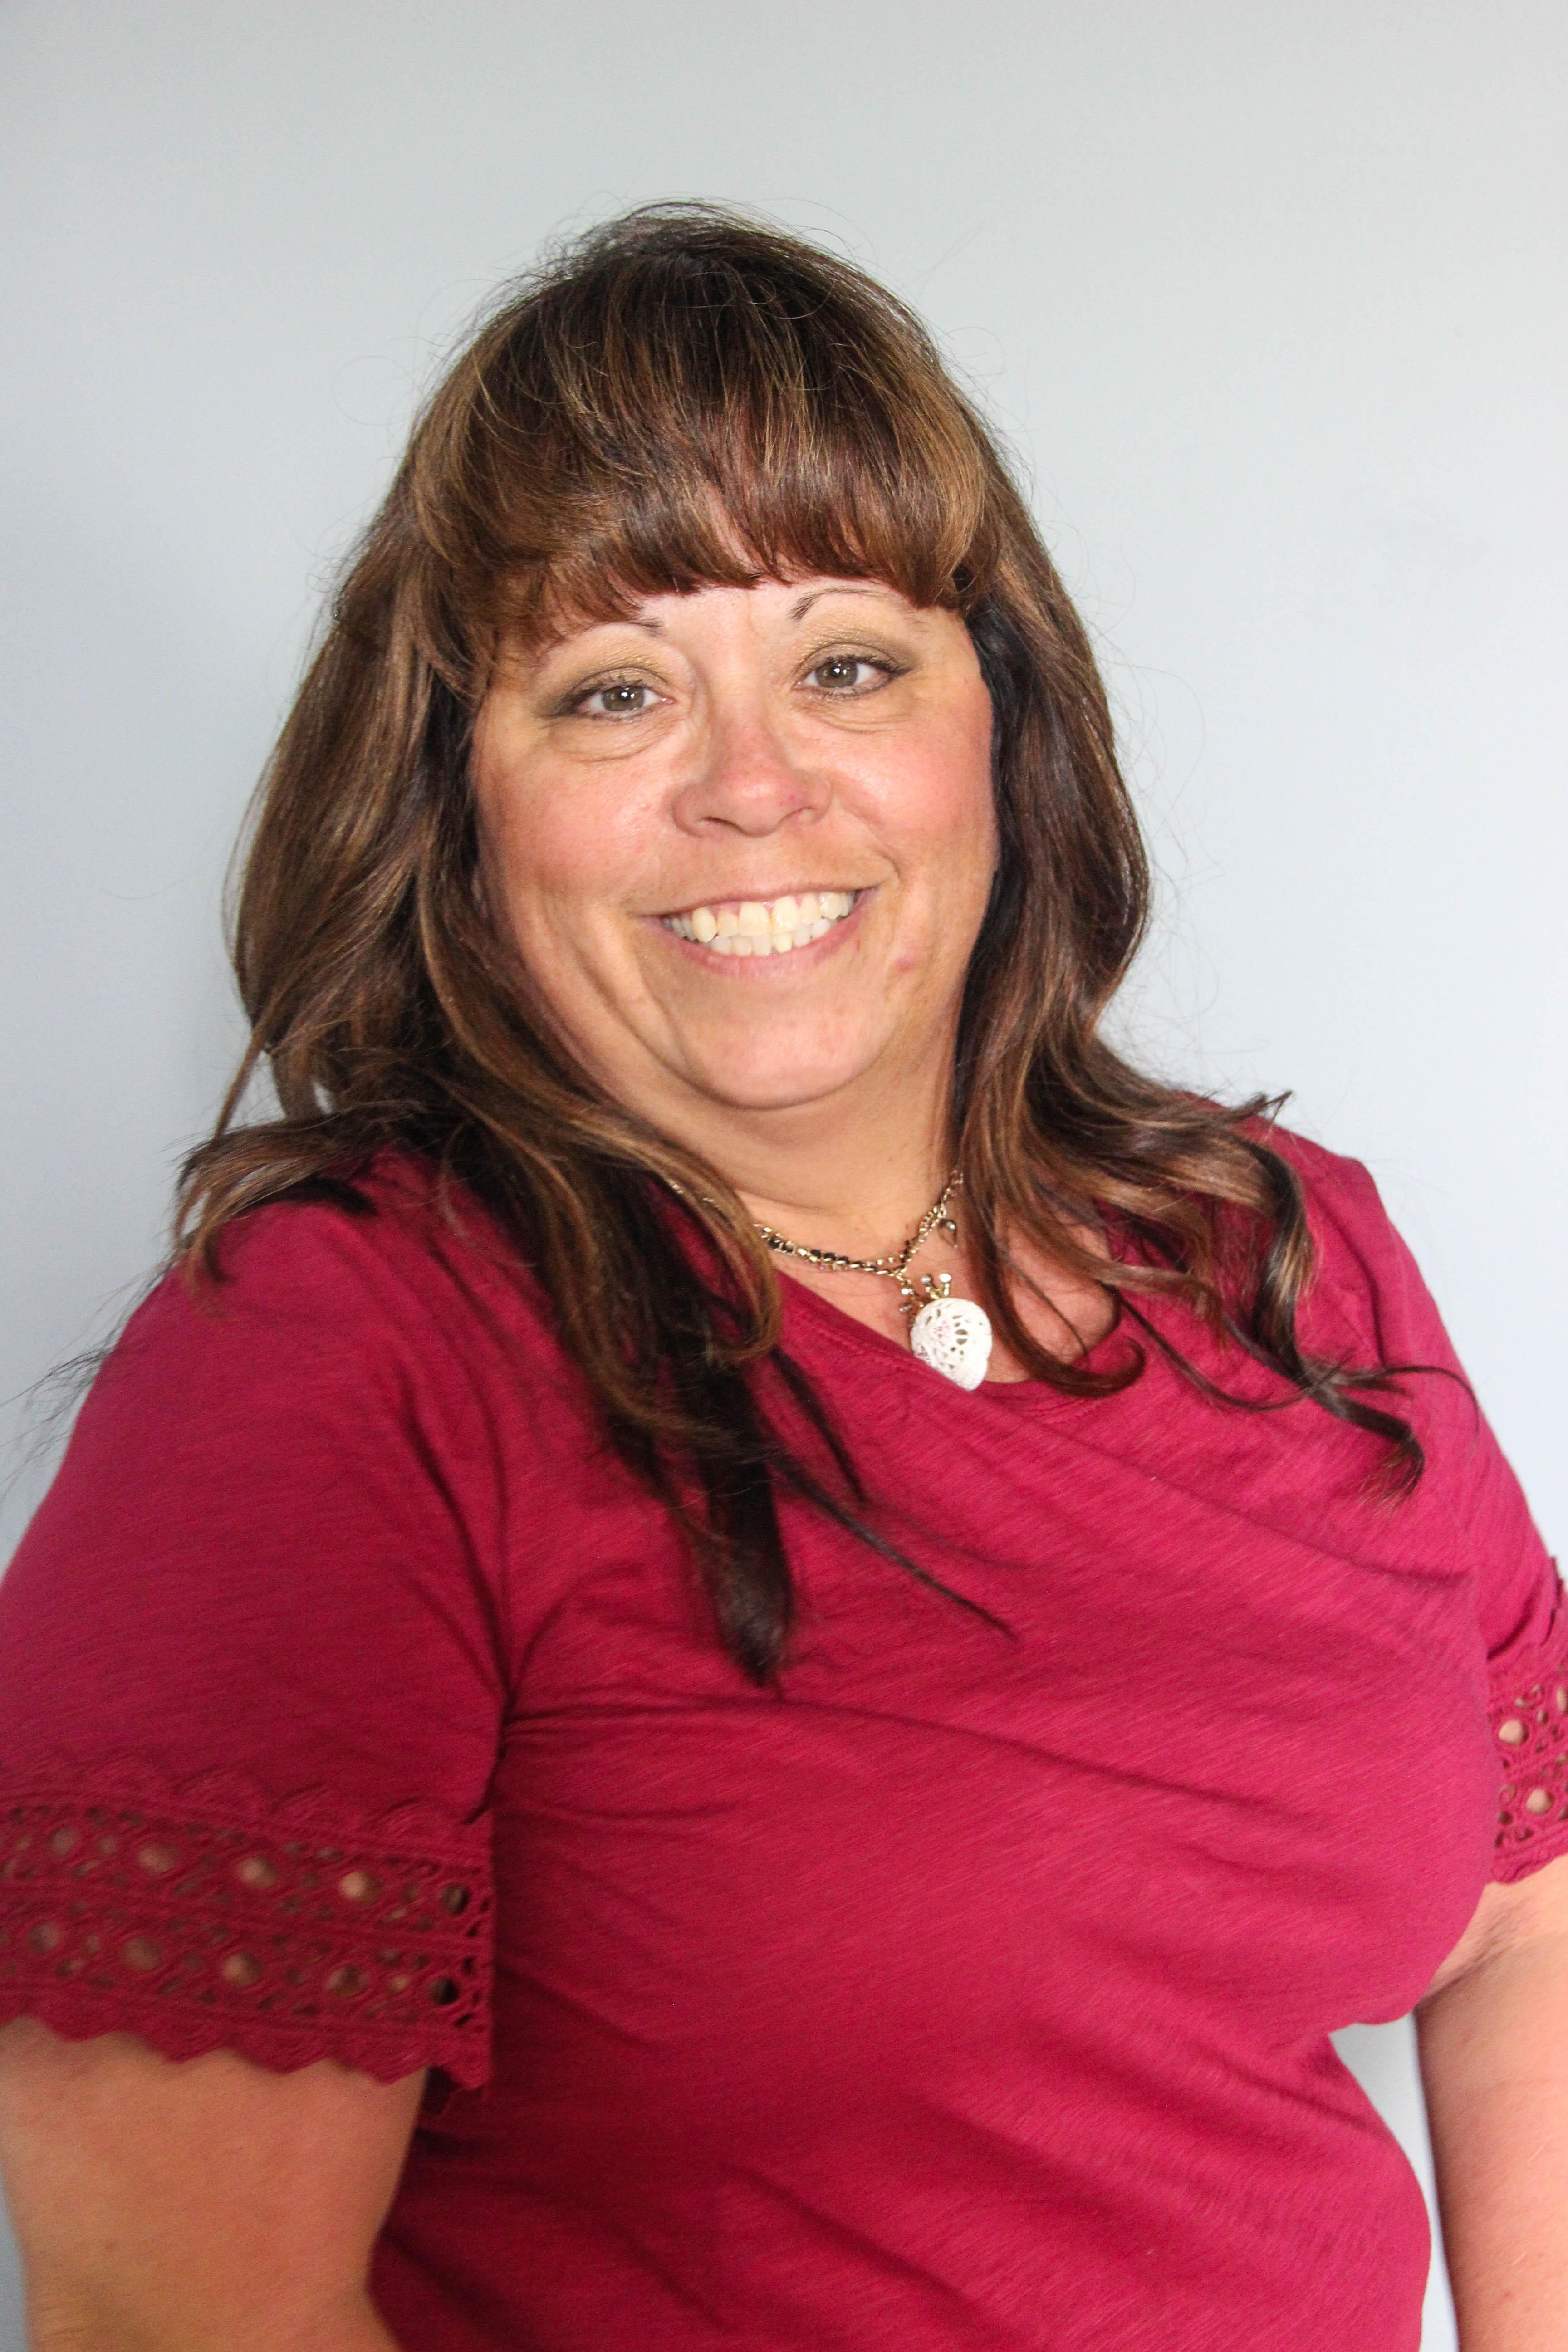 Agent Debbie Zapp